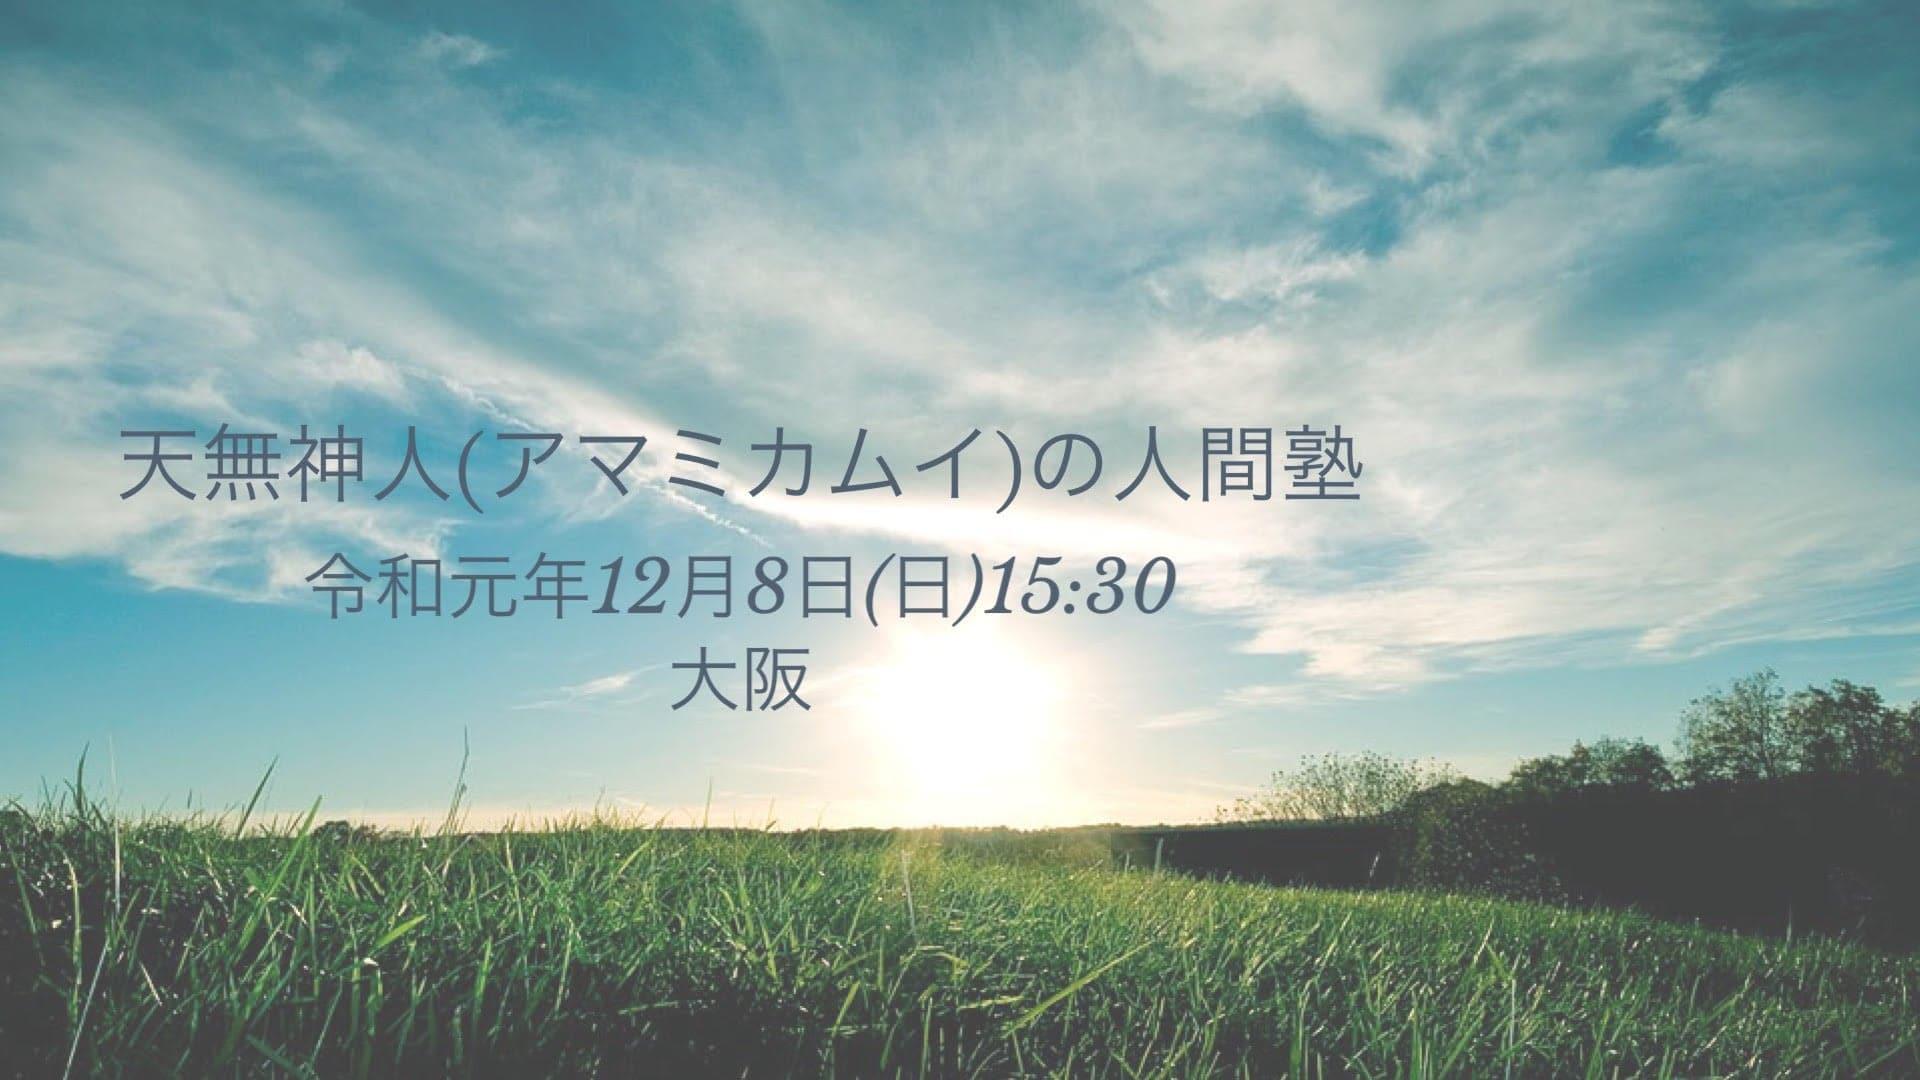 大阪開催! 天無神人(アマミカムイ)の人間塾『2020年を大胆予測!』のイメージその1